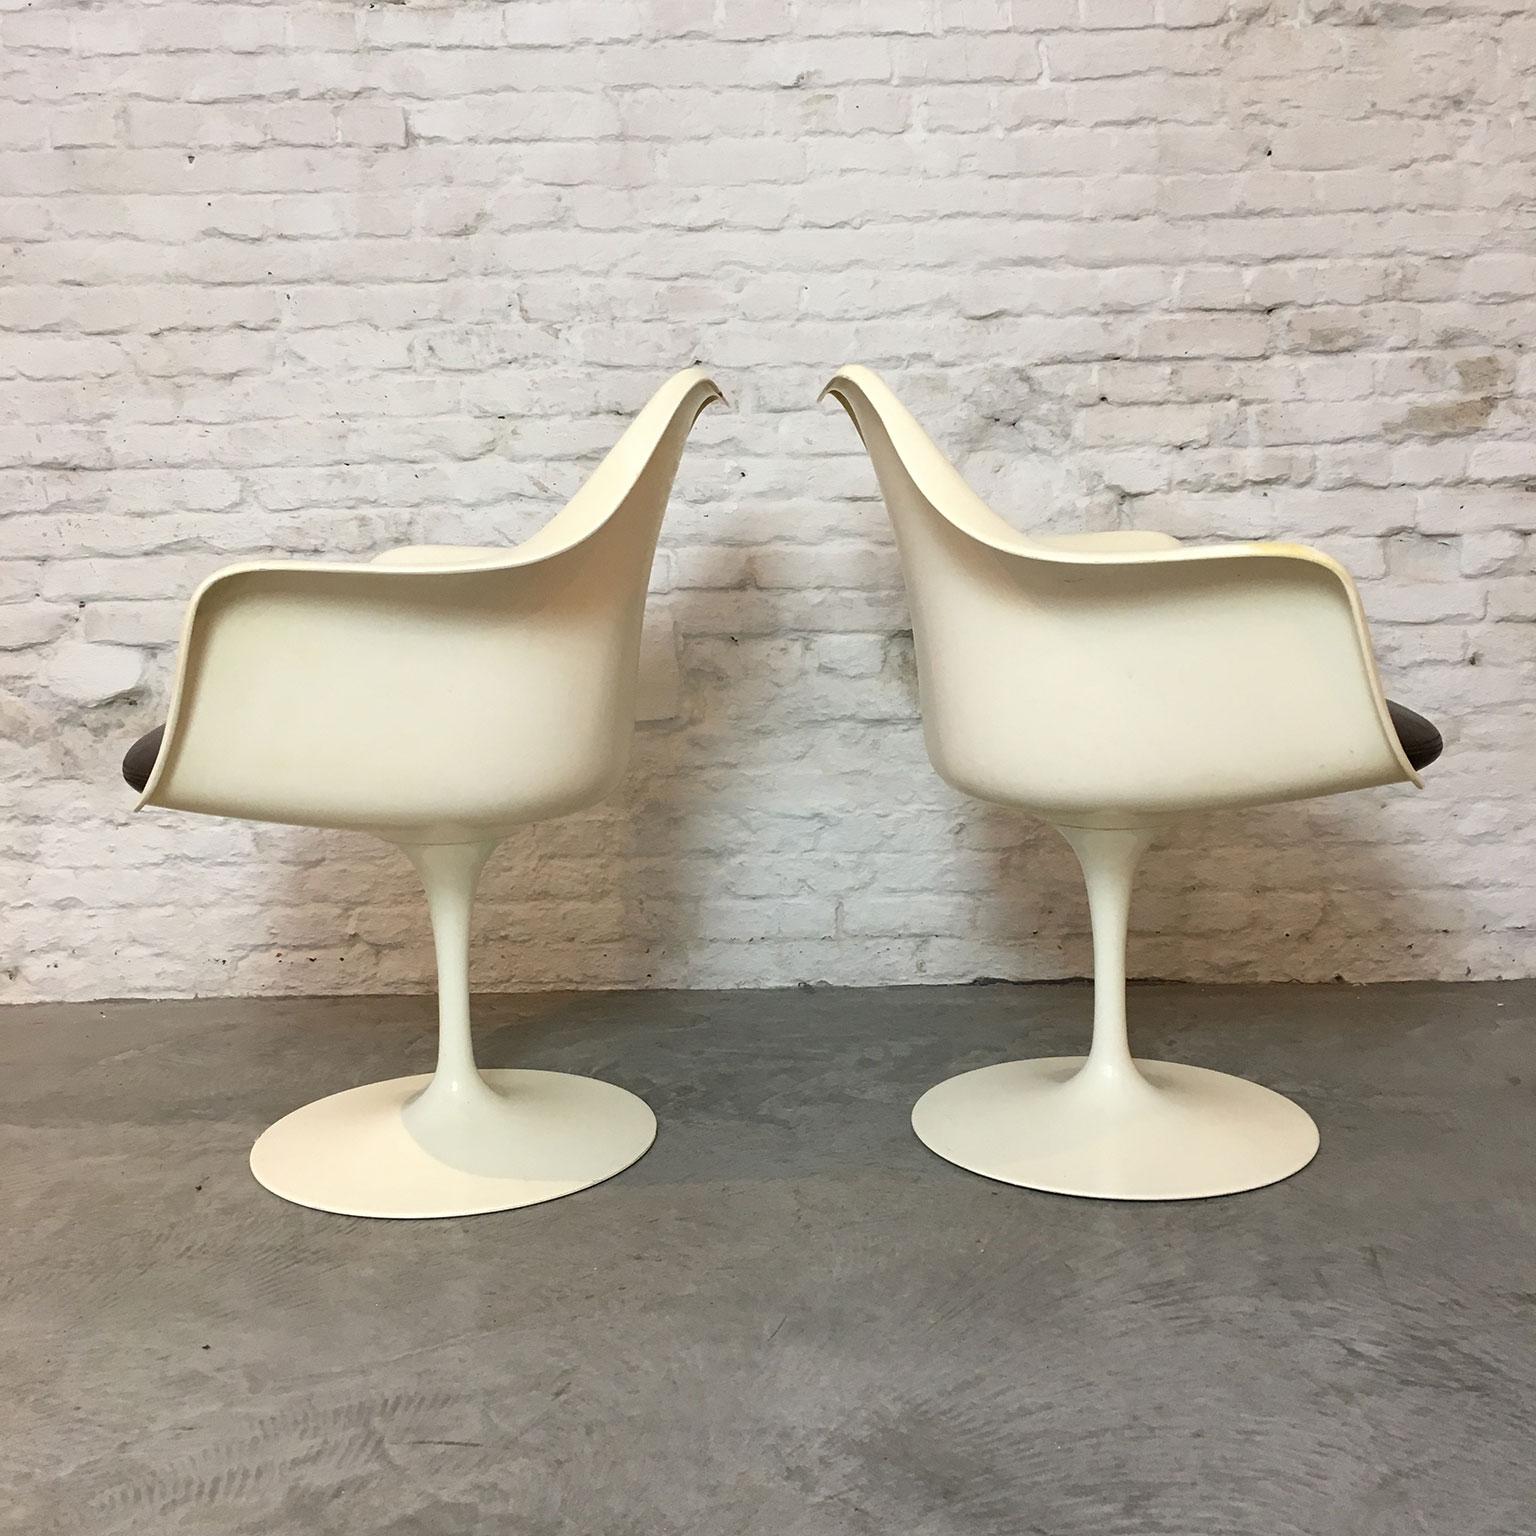 Die-Firma-vintage-shop-Antwerp-vintage-Knoll-tulip-chairs